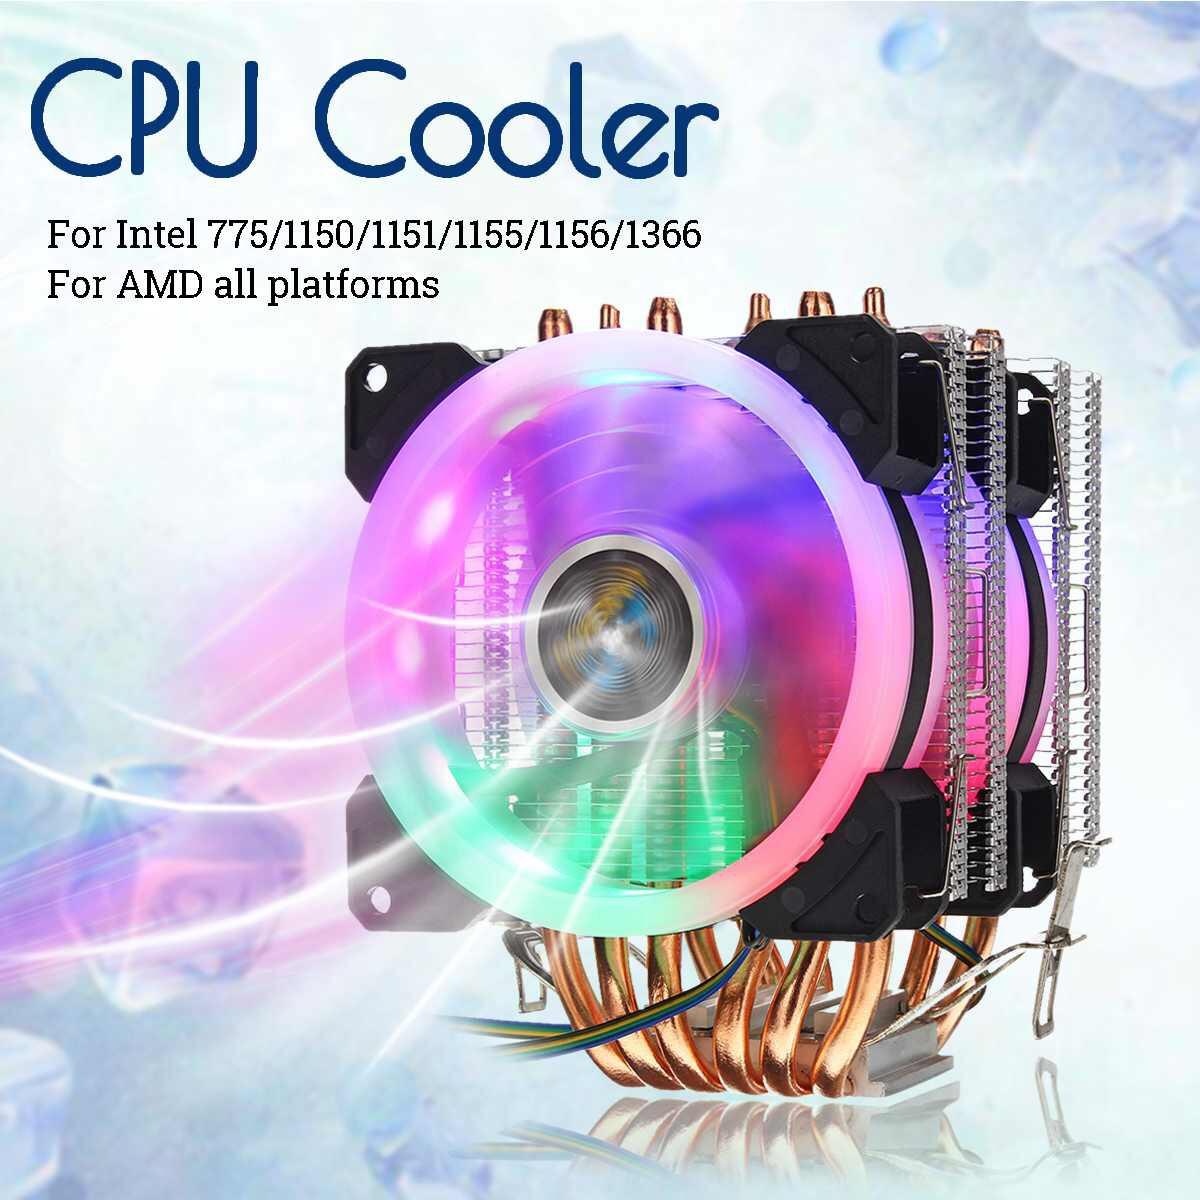 Disipador ventilador para CPU led con 2 ventiladores y 6 tubos de refrigeración